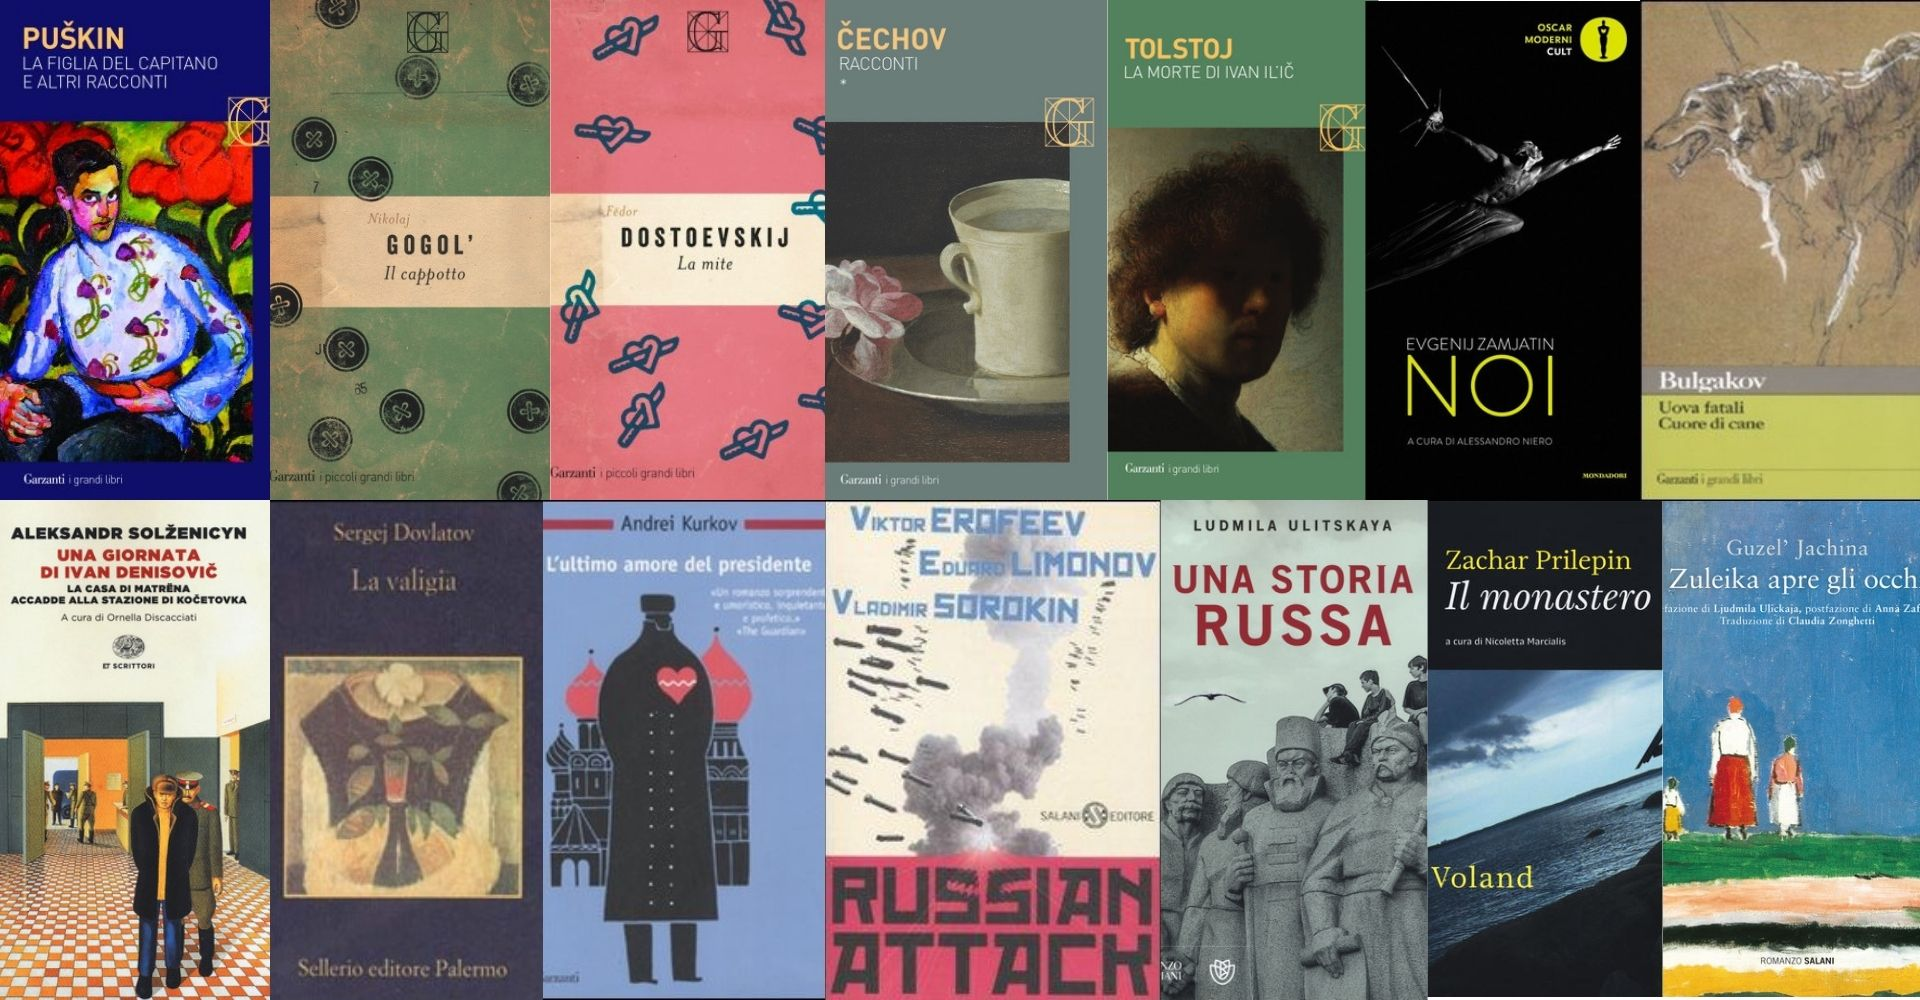 Romanzi russi da leggere: non i soliti libri per cominciare